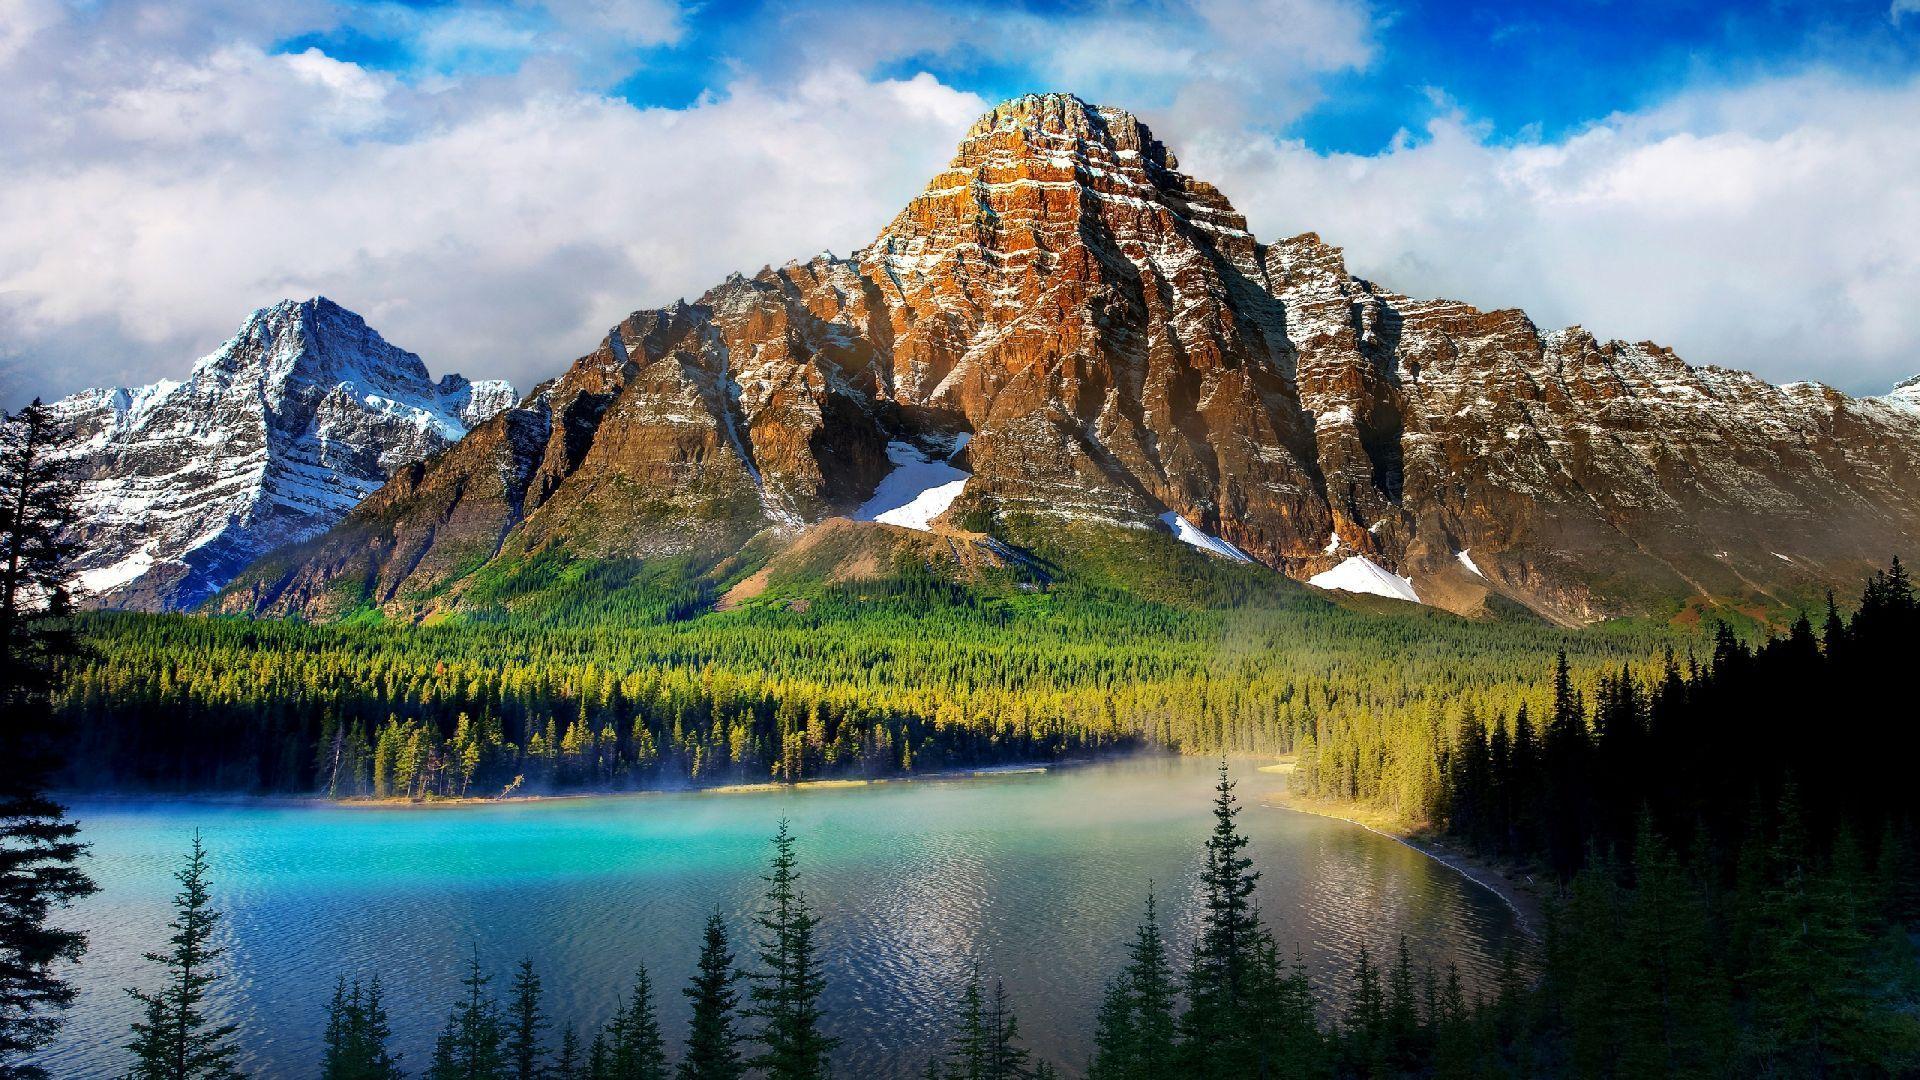 The Beautiful Scenery Of Mountain